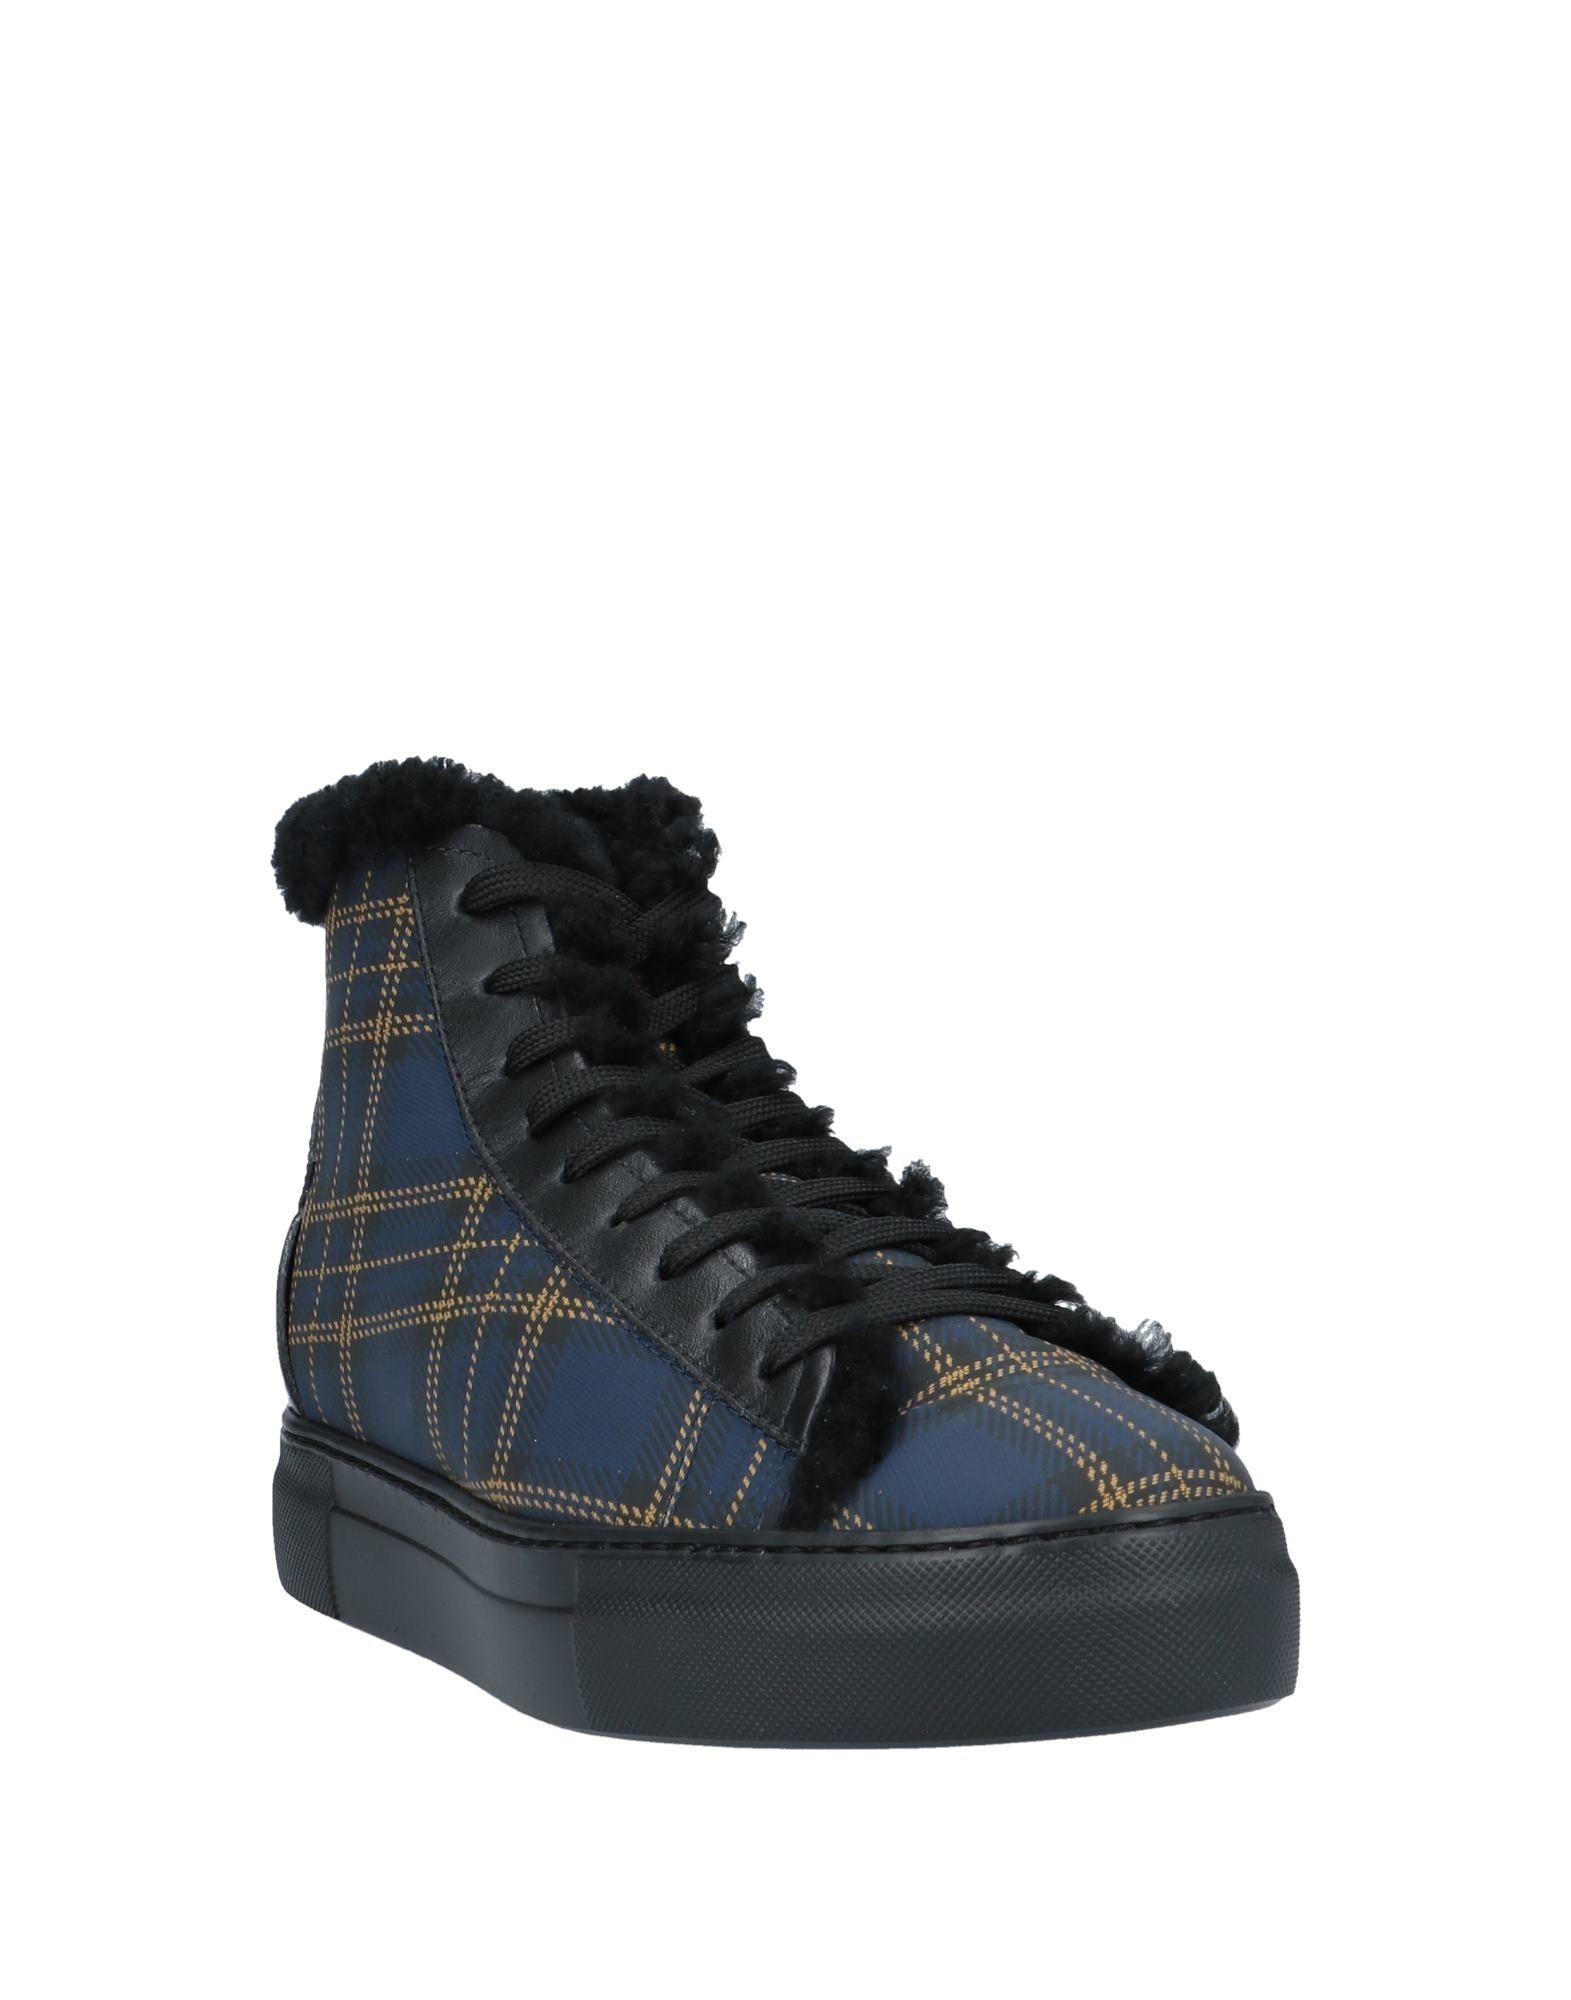 Sneakers abotinadas Fabi de Cuero de color Azul